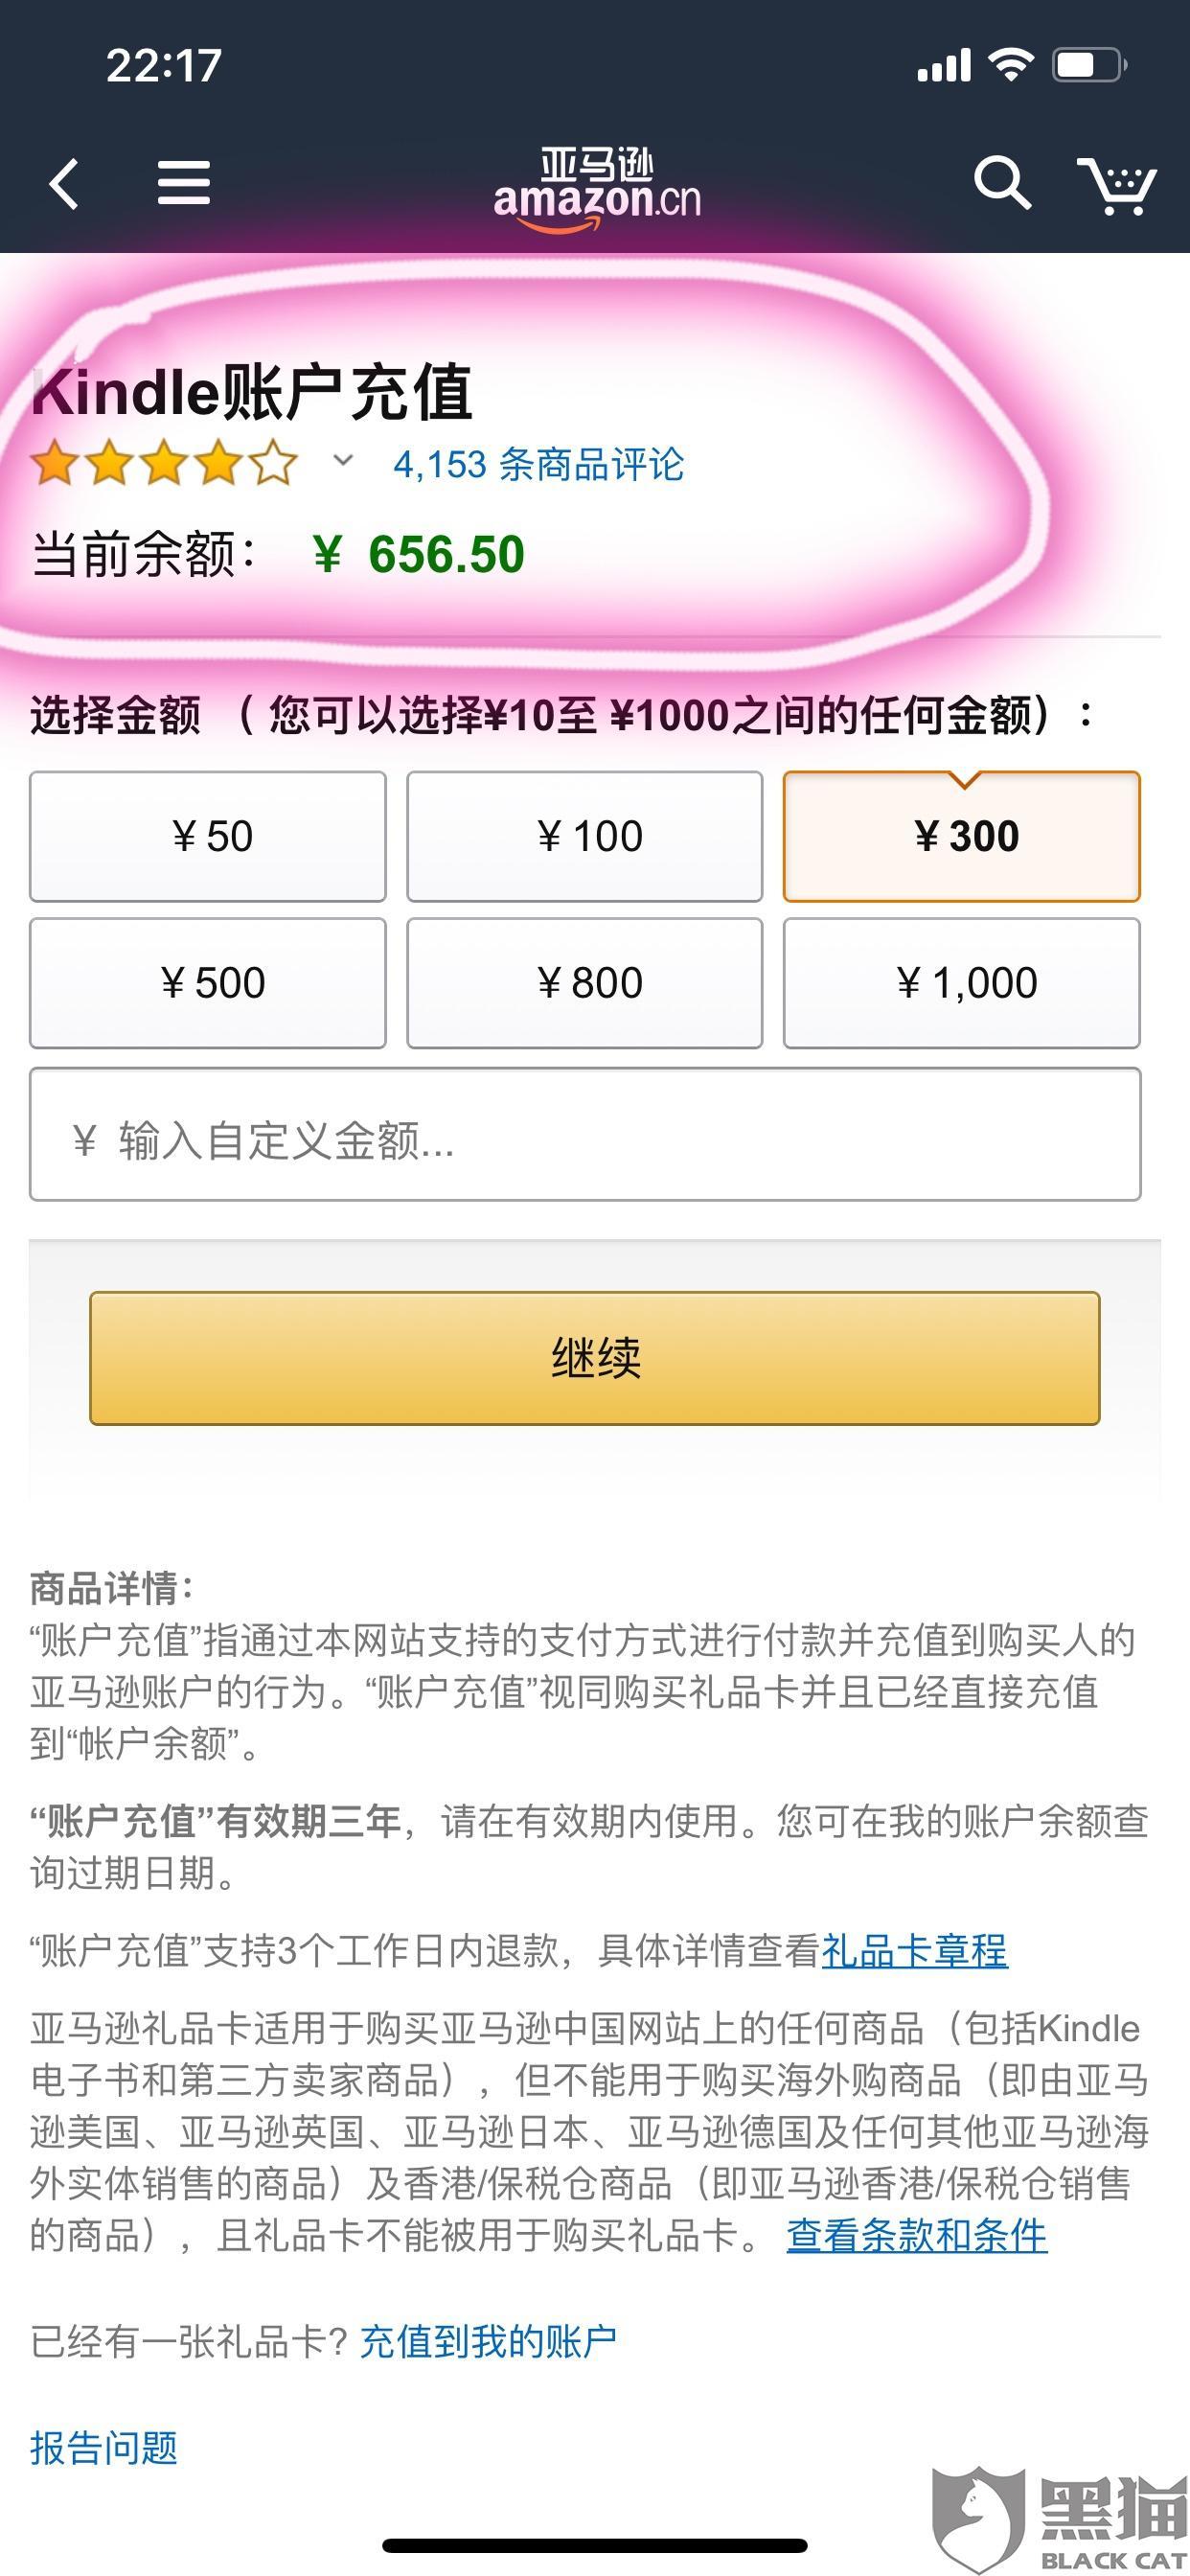 黑猫投诉:亚马逊礼品卡余额不能使用,要求退款